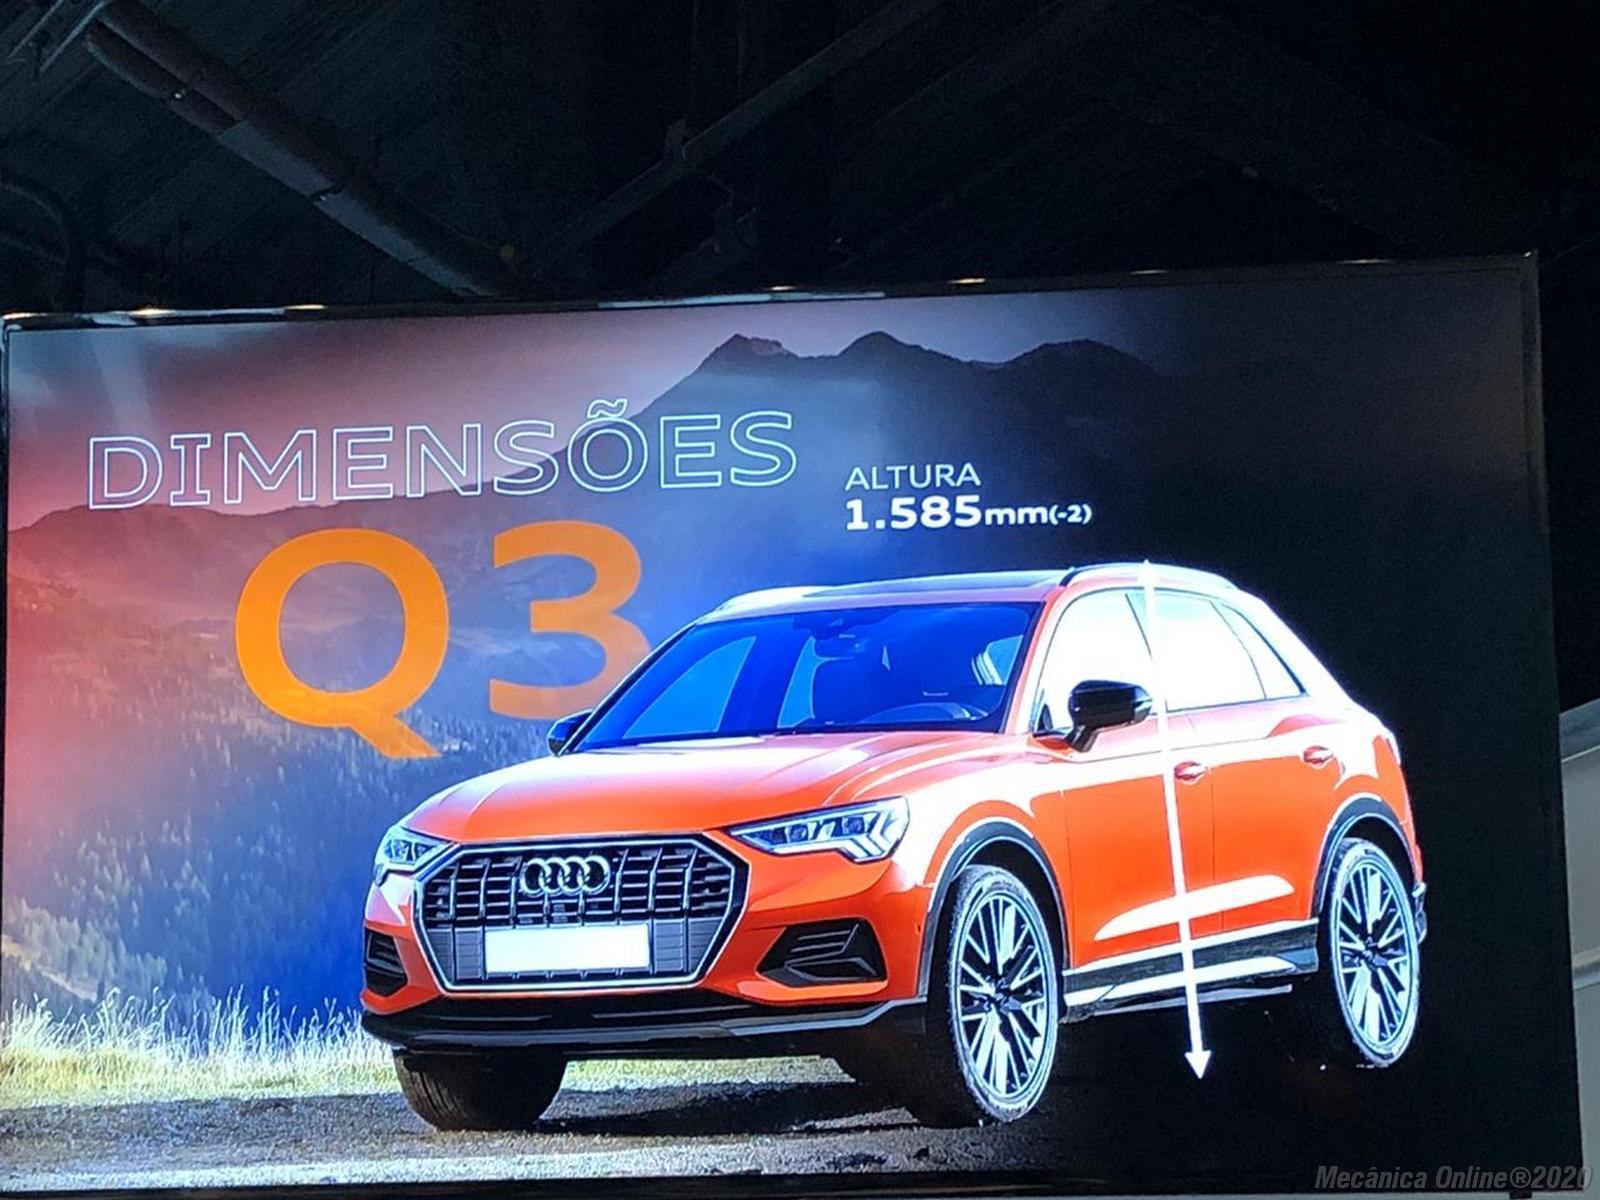 Novo Audi Q3 Desafia Segmento Confira Nossas Primeiras Impressoes Mecanica Online 20 Anos Mecanica Do Jeito Que Voce Entende